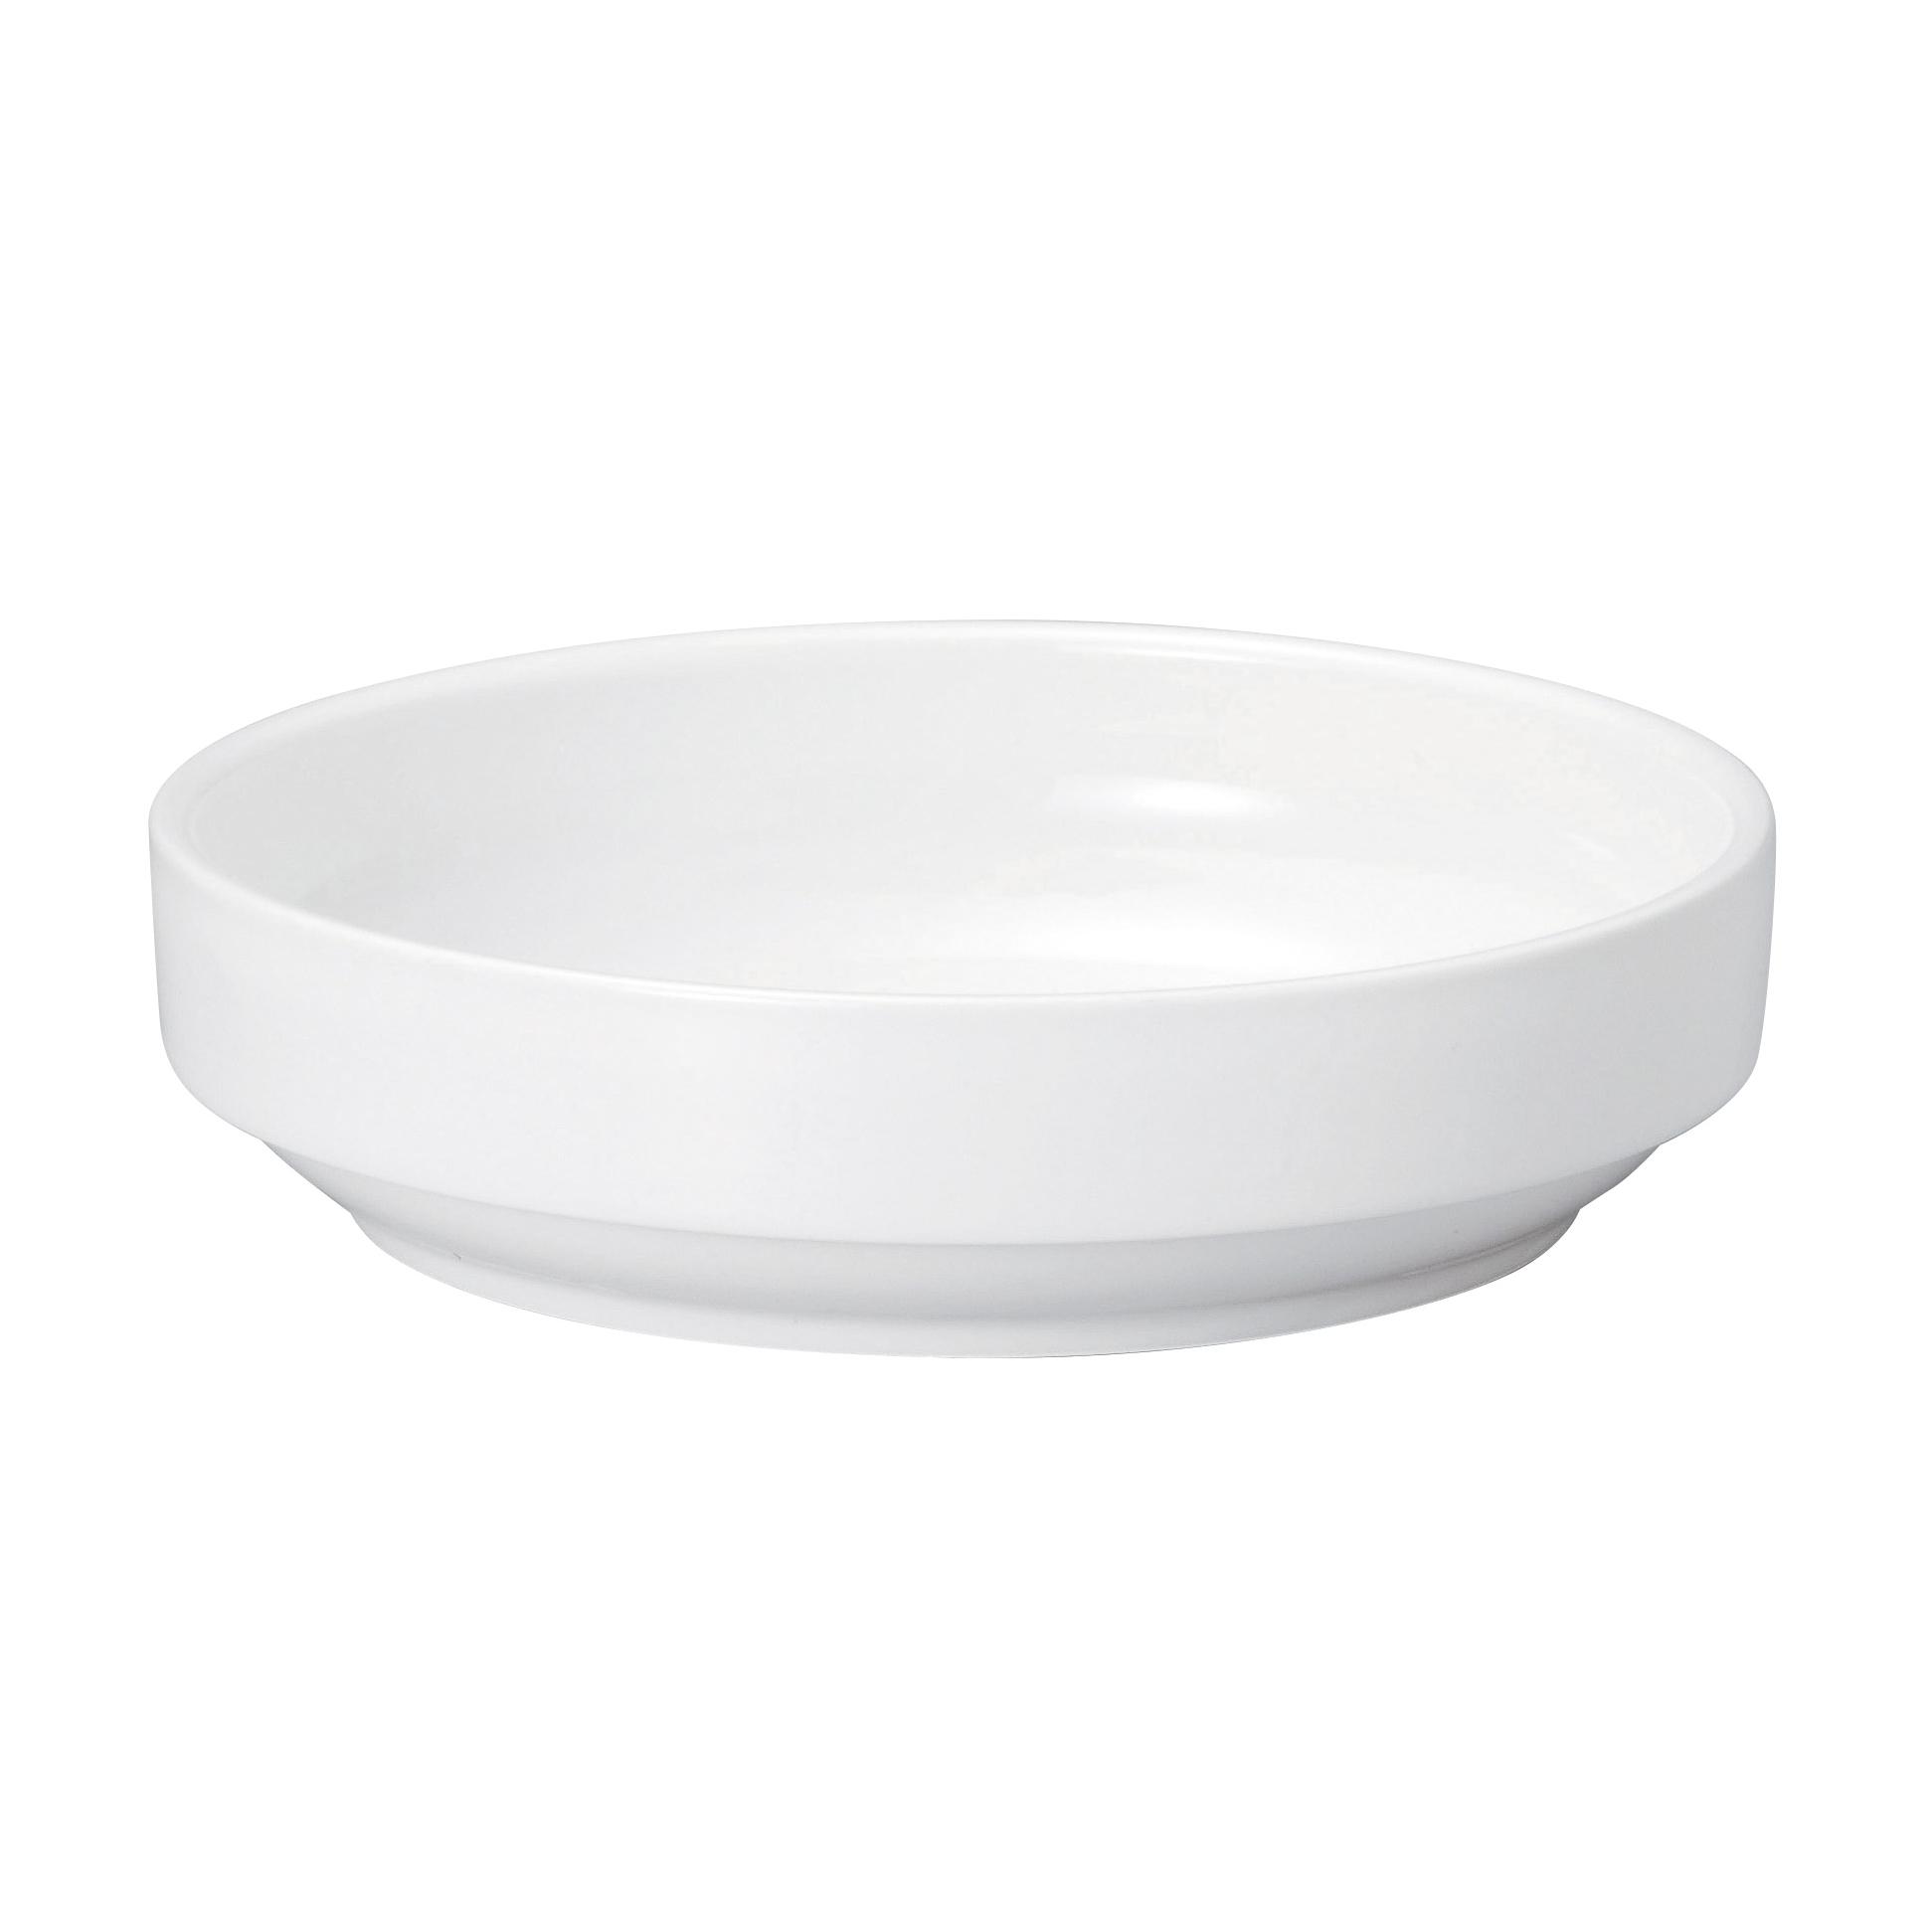 強化磁器 すくいやすいお皿(大)17cm  白無地  【1715-0000】